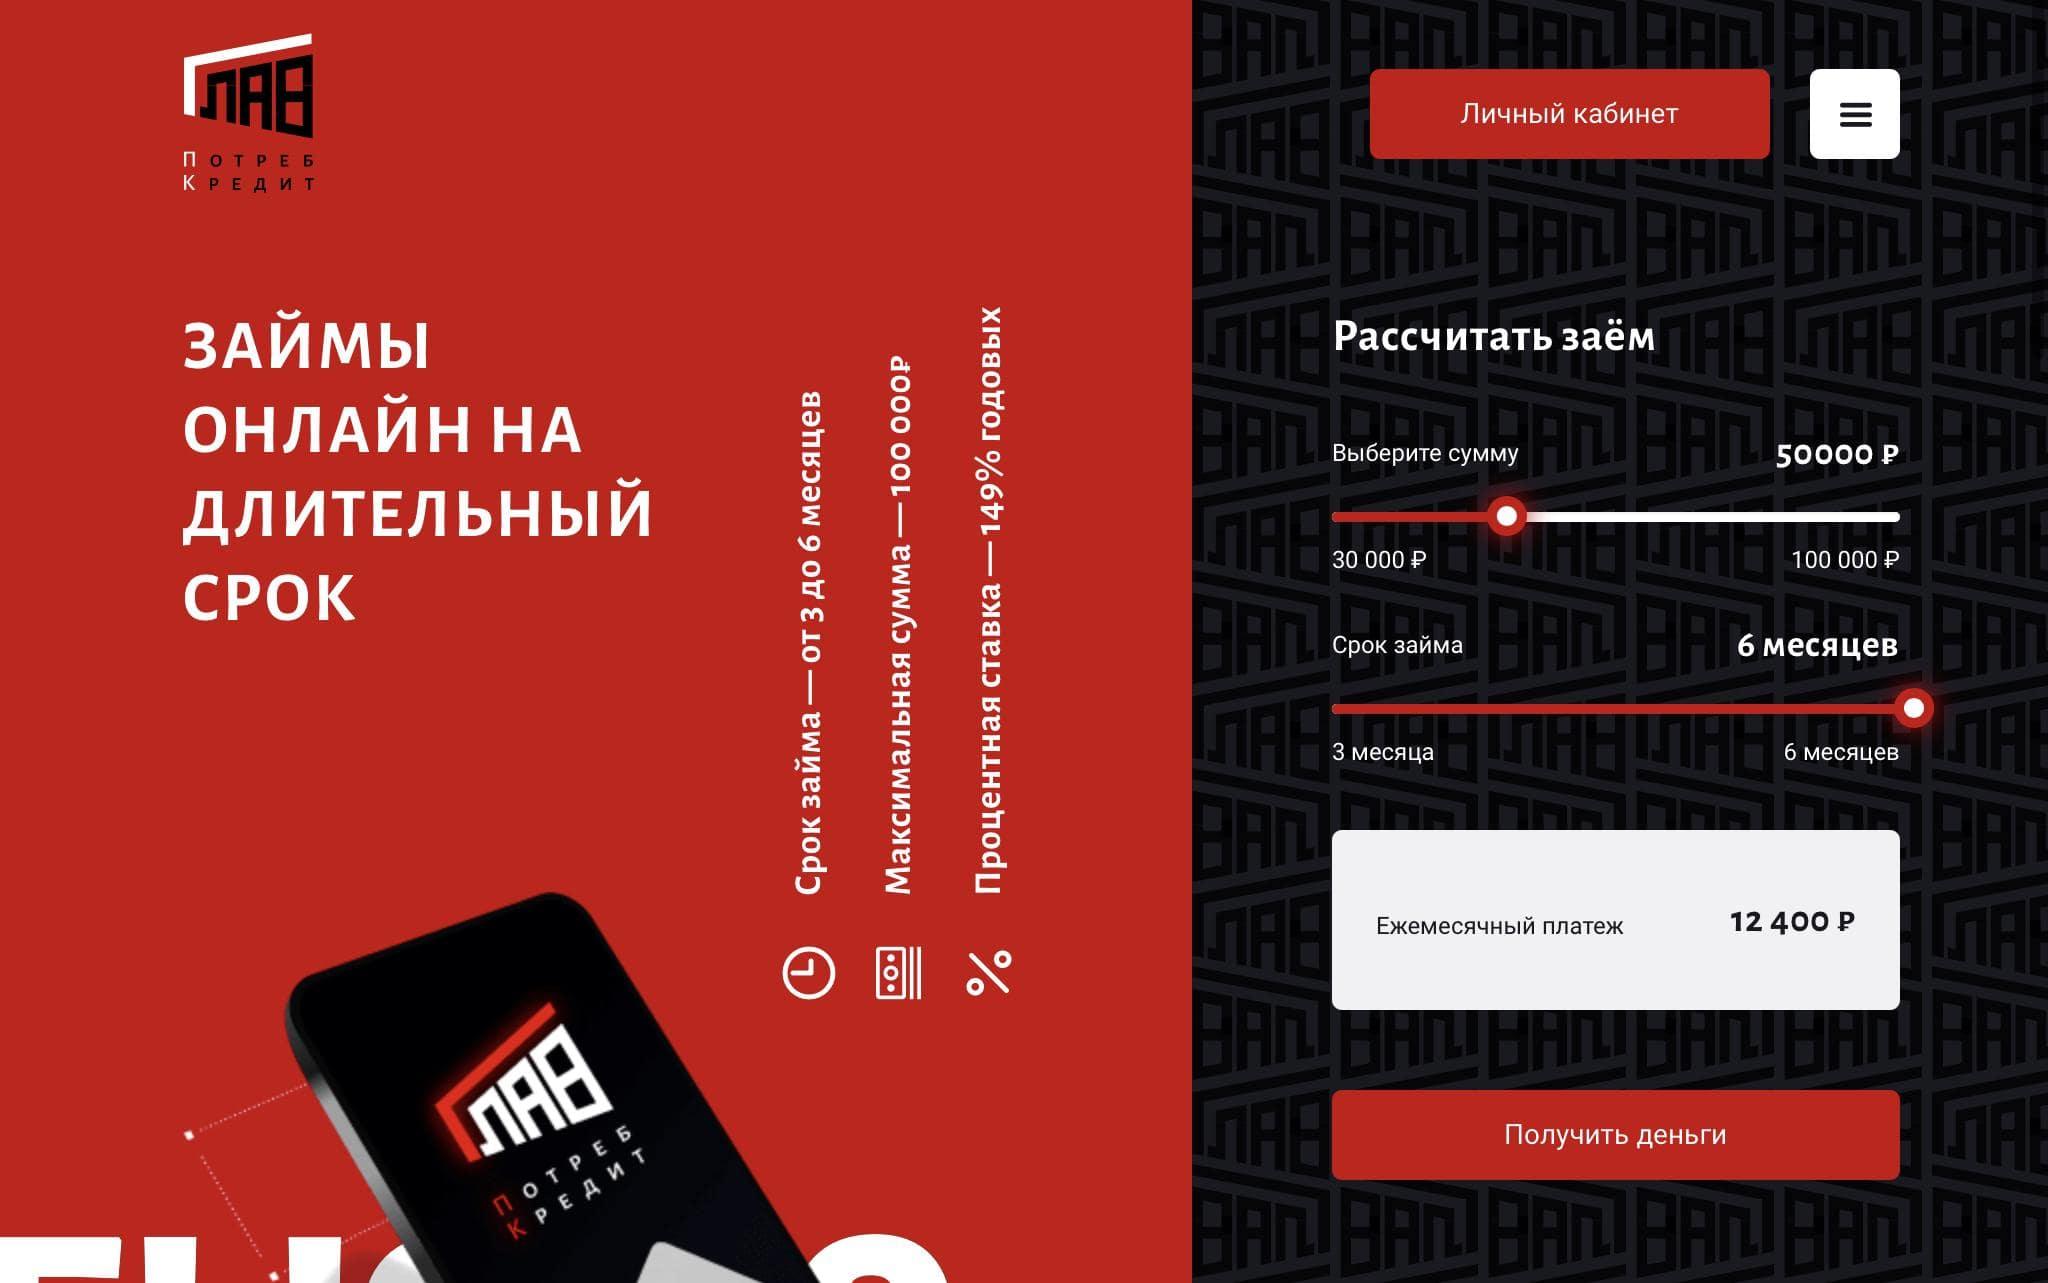 """Официальный сайт """"Главпотребкредита"""""""